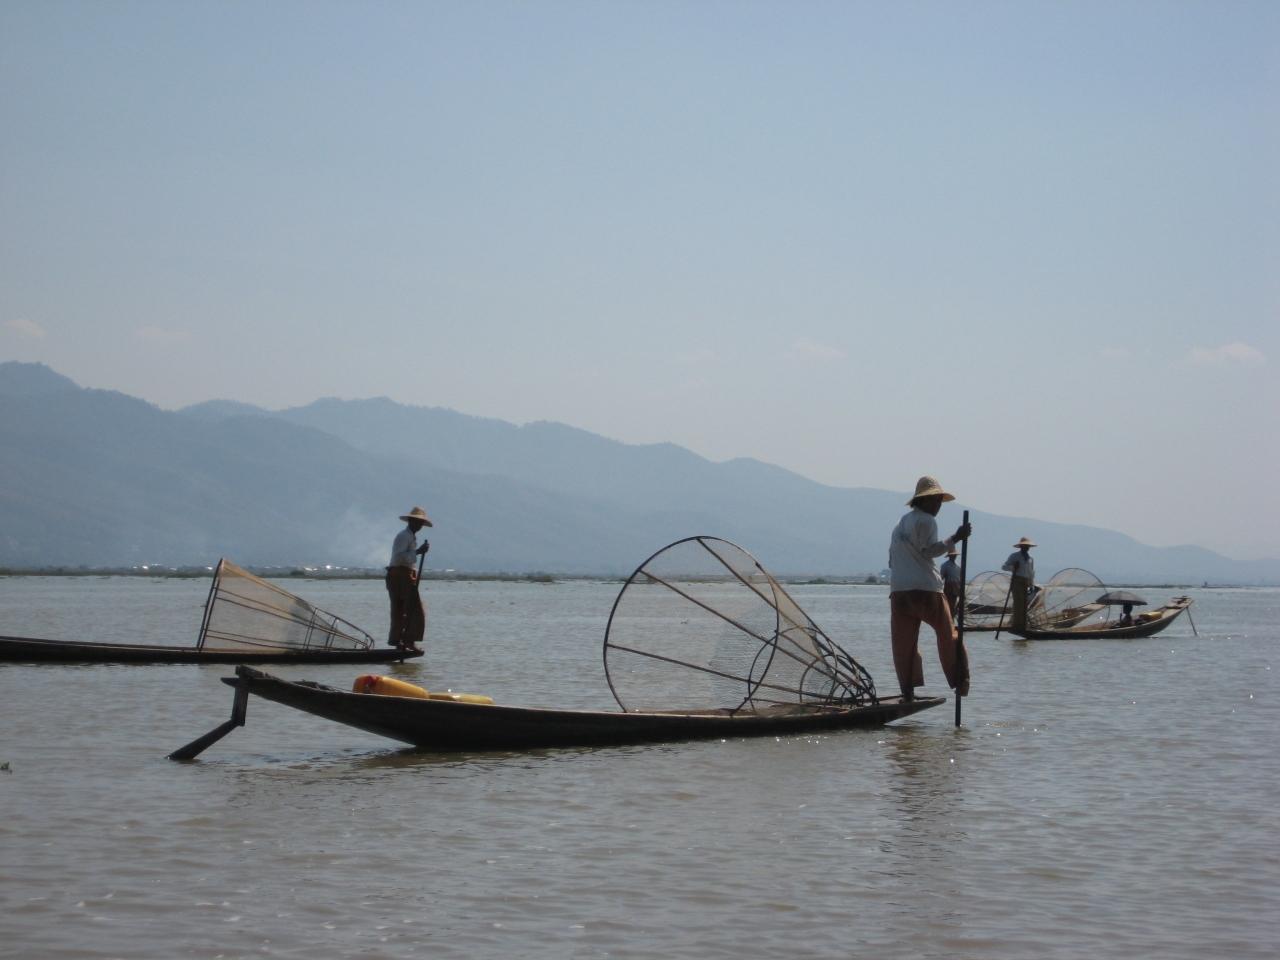 ミャンマー旅行-インレー湖-